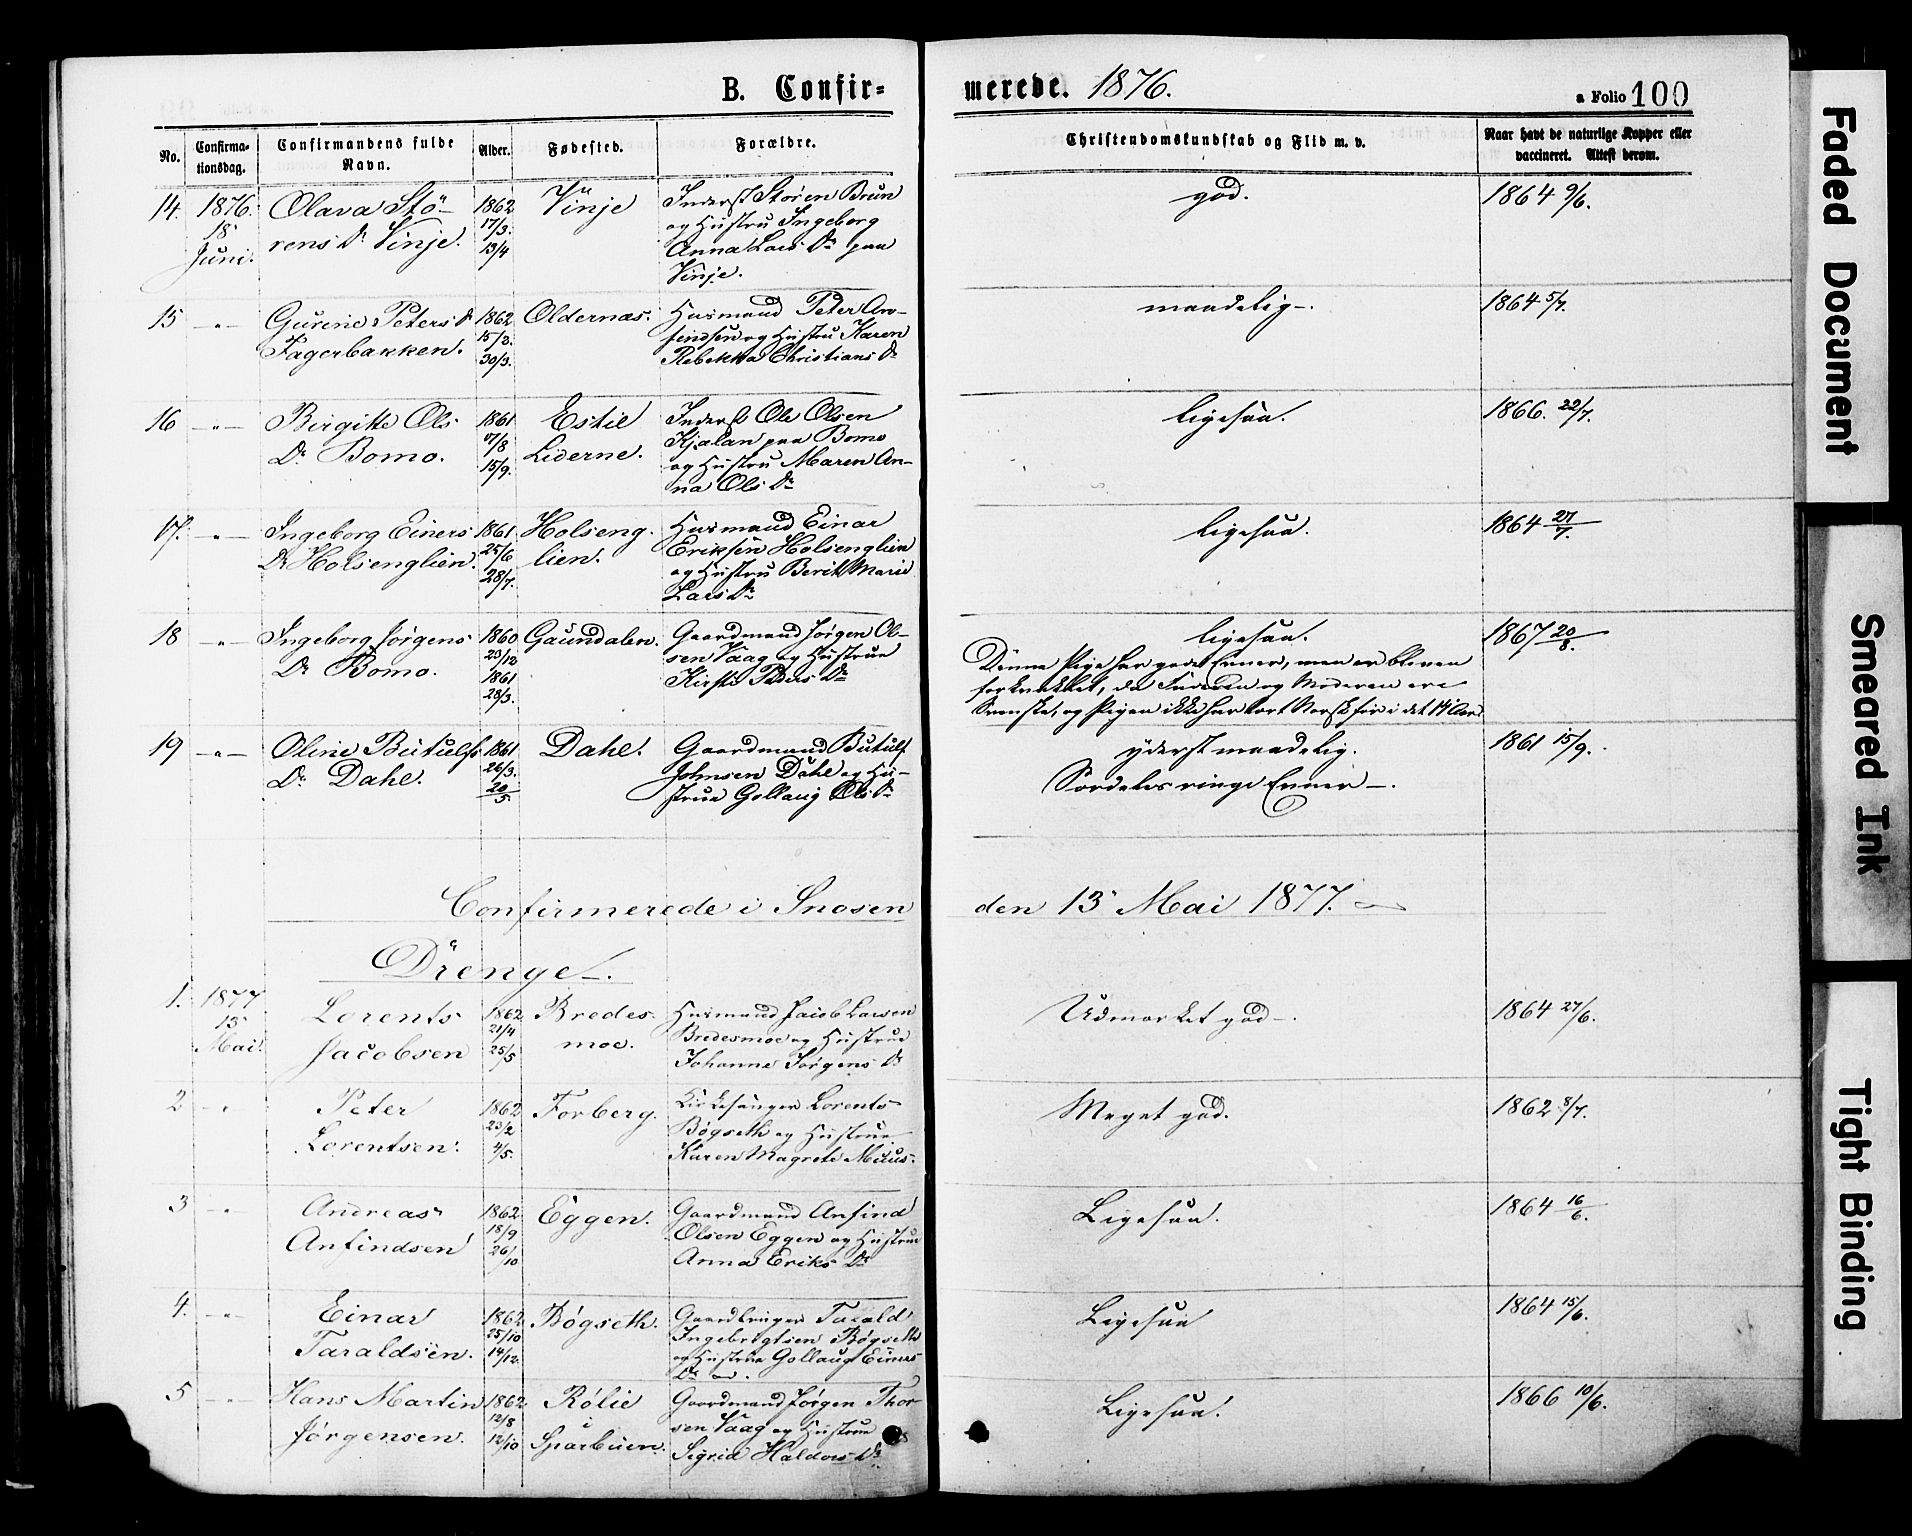 SAT, Ministerialprotokoller, klokkerbøker og fødselsregistre - Nord-Trøndelag, 749/L0473: Ministerialbok nr. 749A07, 1873-1887, s. 100